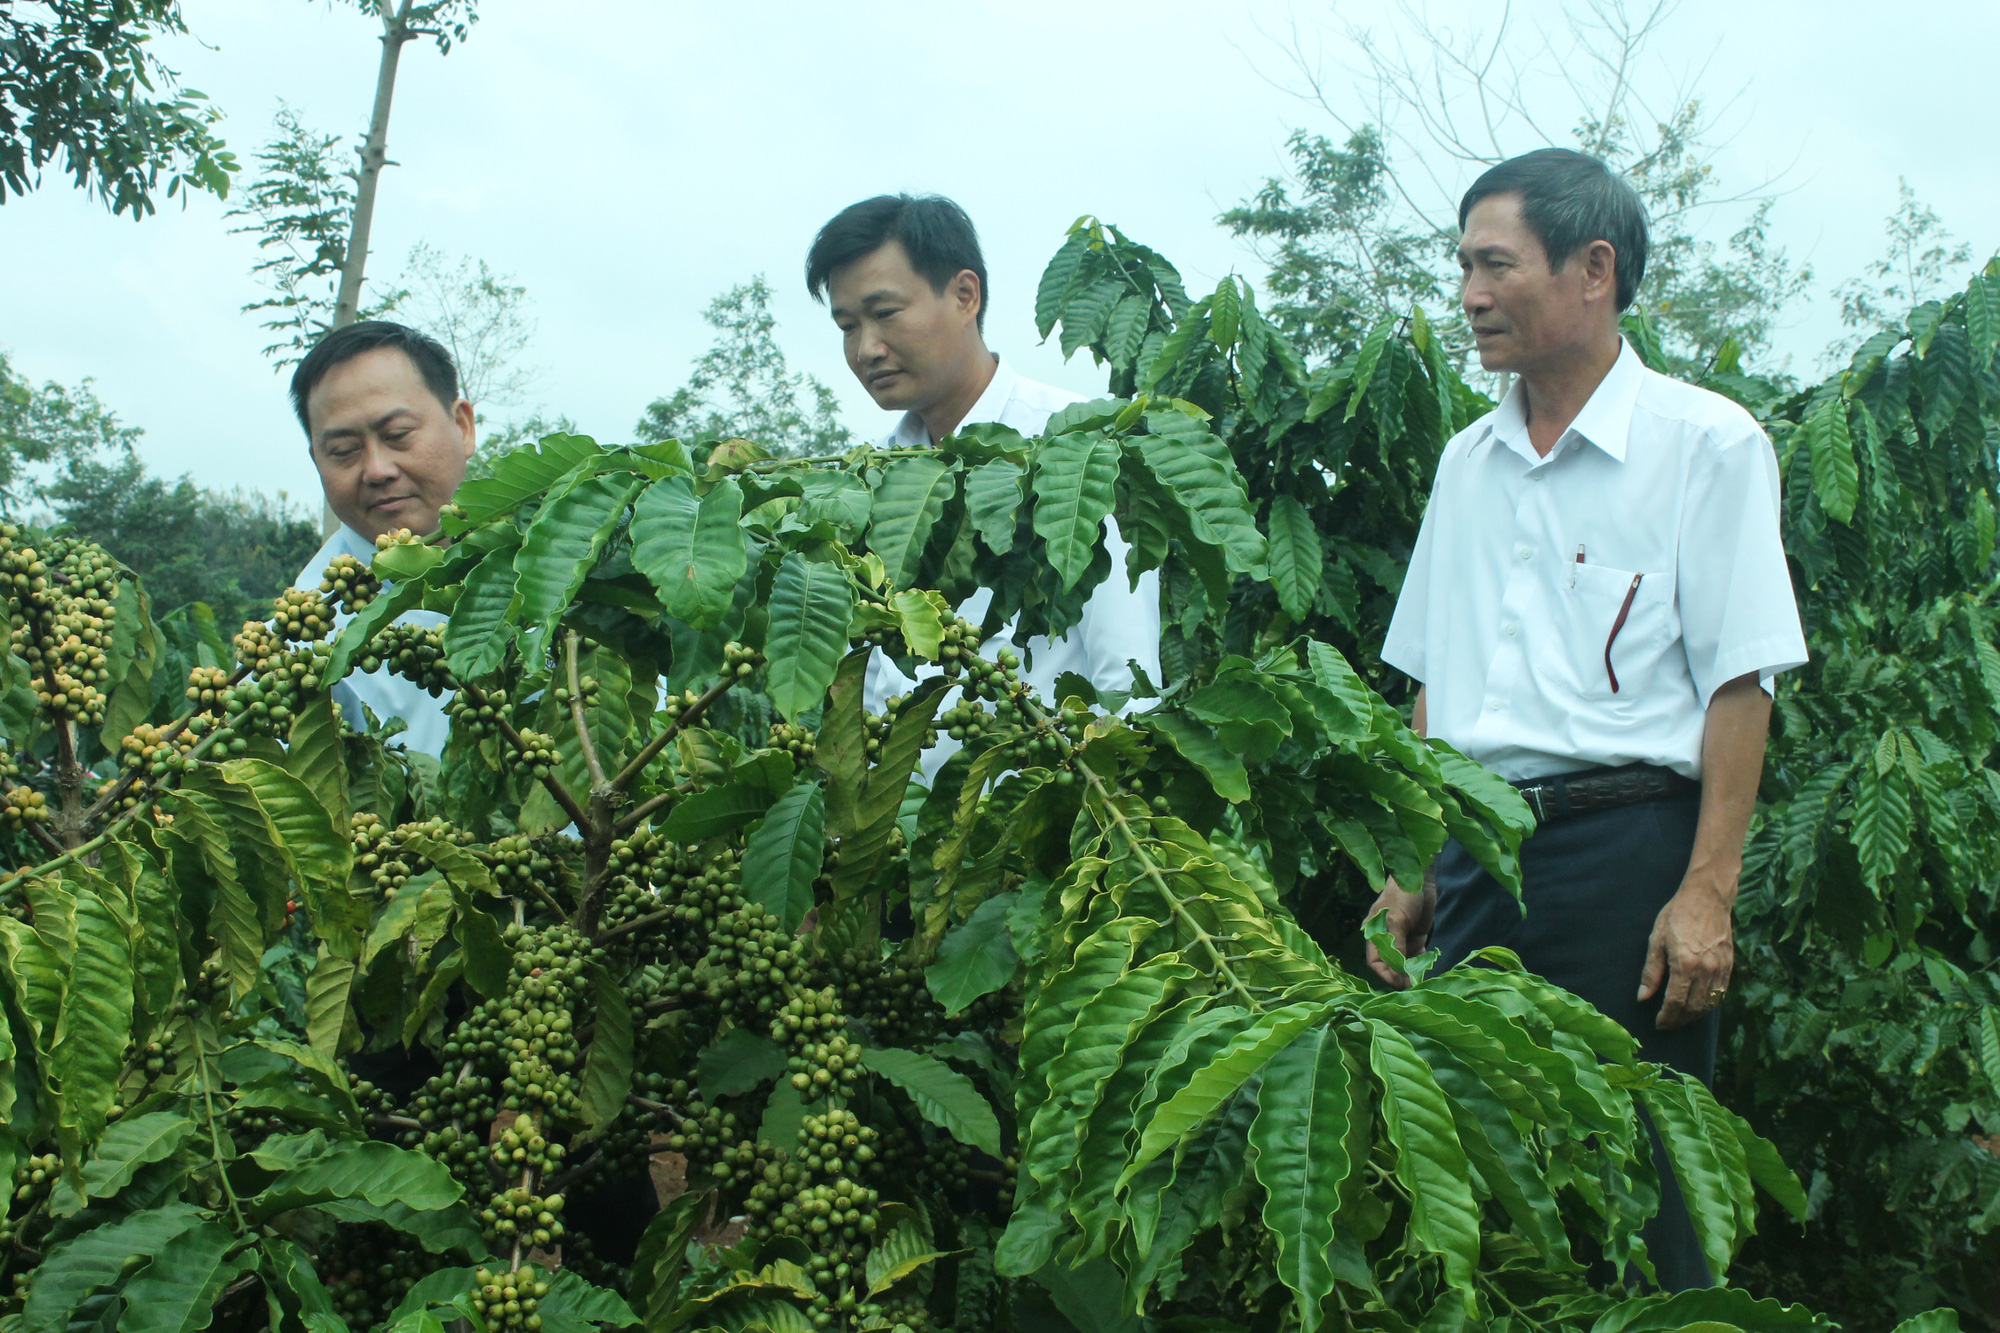 Agribank tỉnh Đắk Lắk: Hơn 9.000 tỷ đồng dư nợ cho vay nông nghiệp, nông thôn - Ảnh 1.